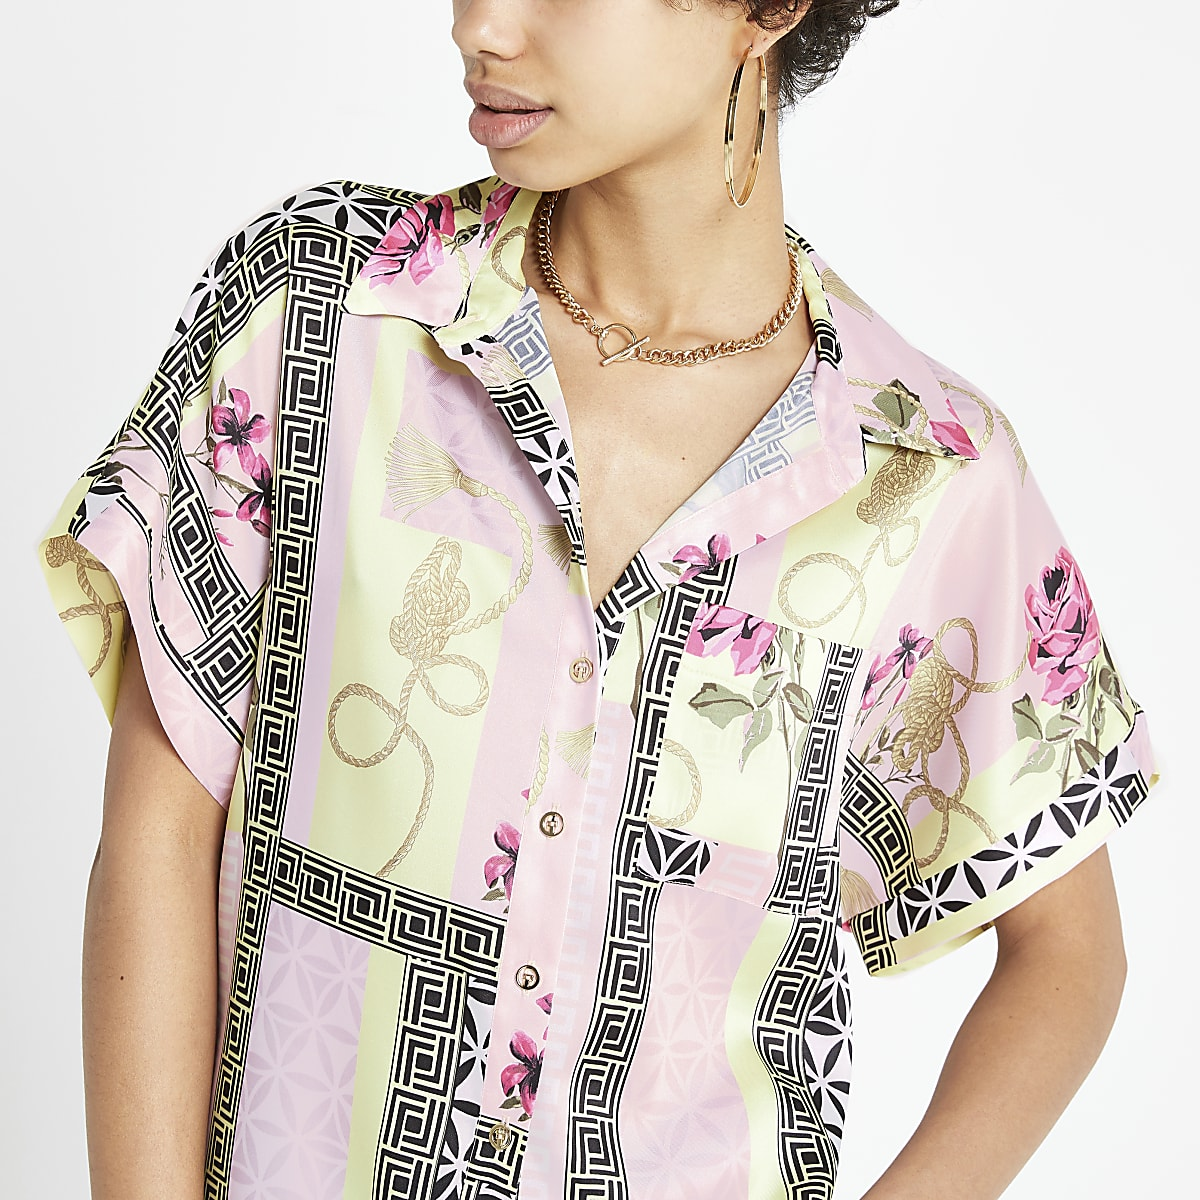 Roze Overhemd.Roze Overhemd Met Print En Korte Mouwen Overhemden Tops Dames